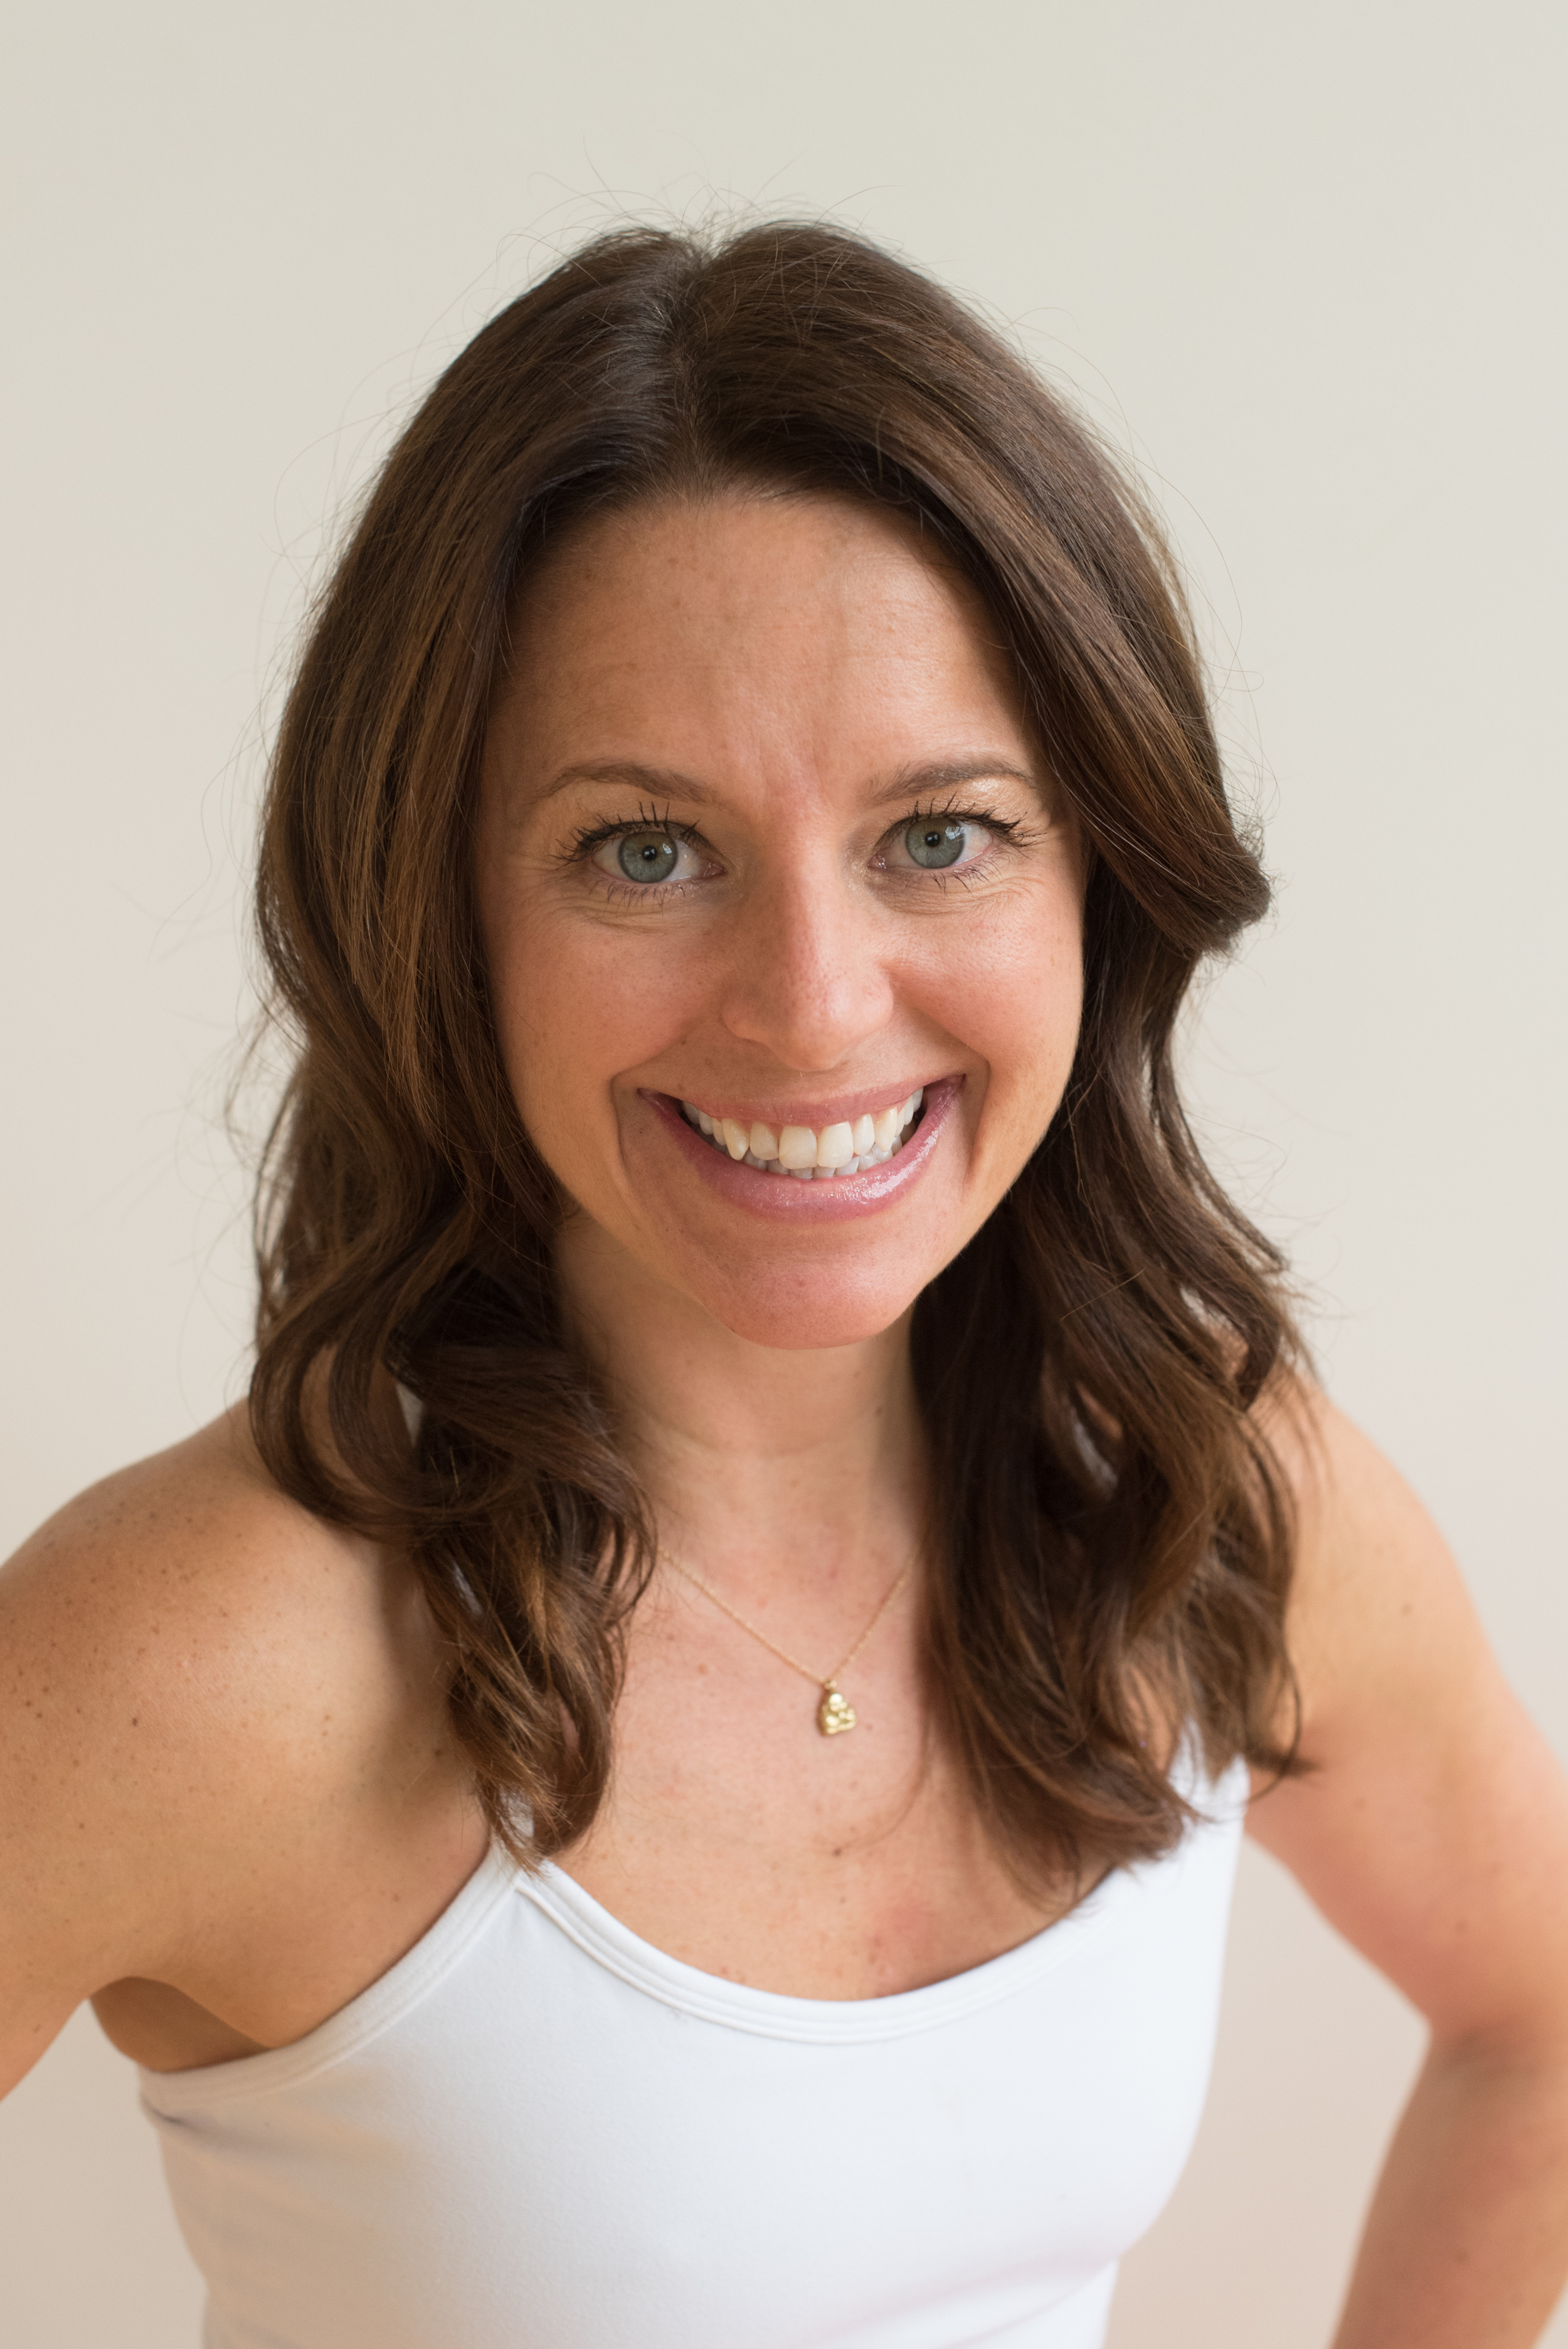 Katie Brown